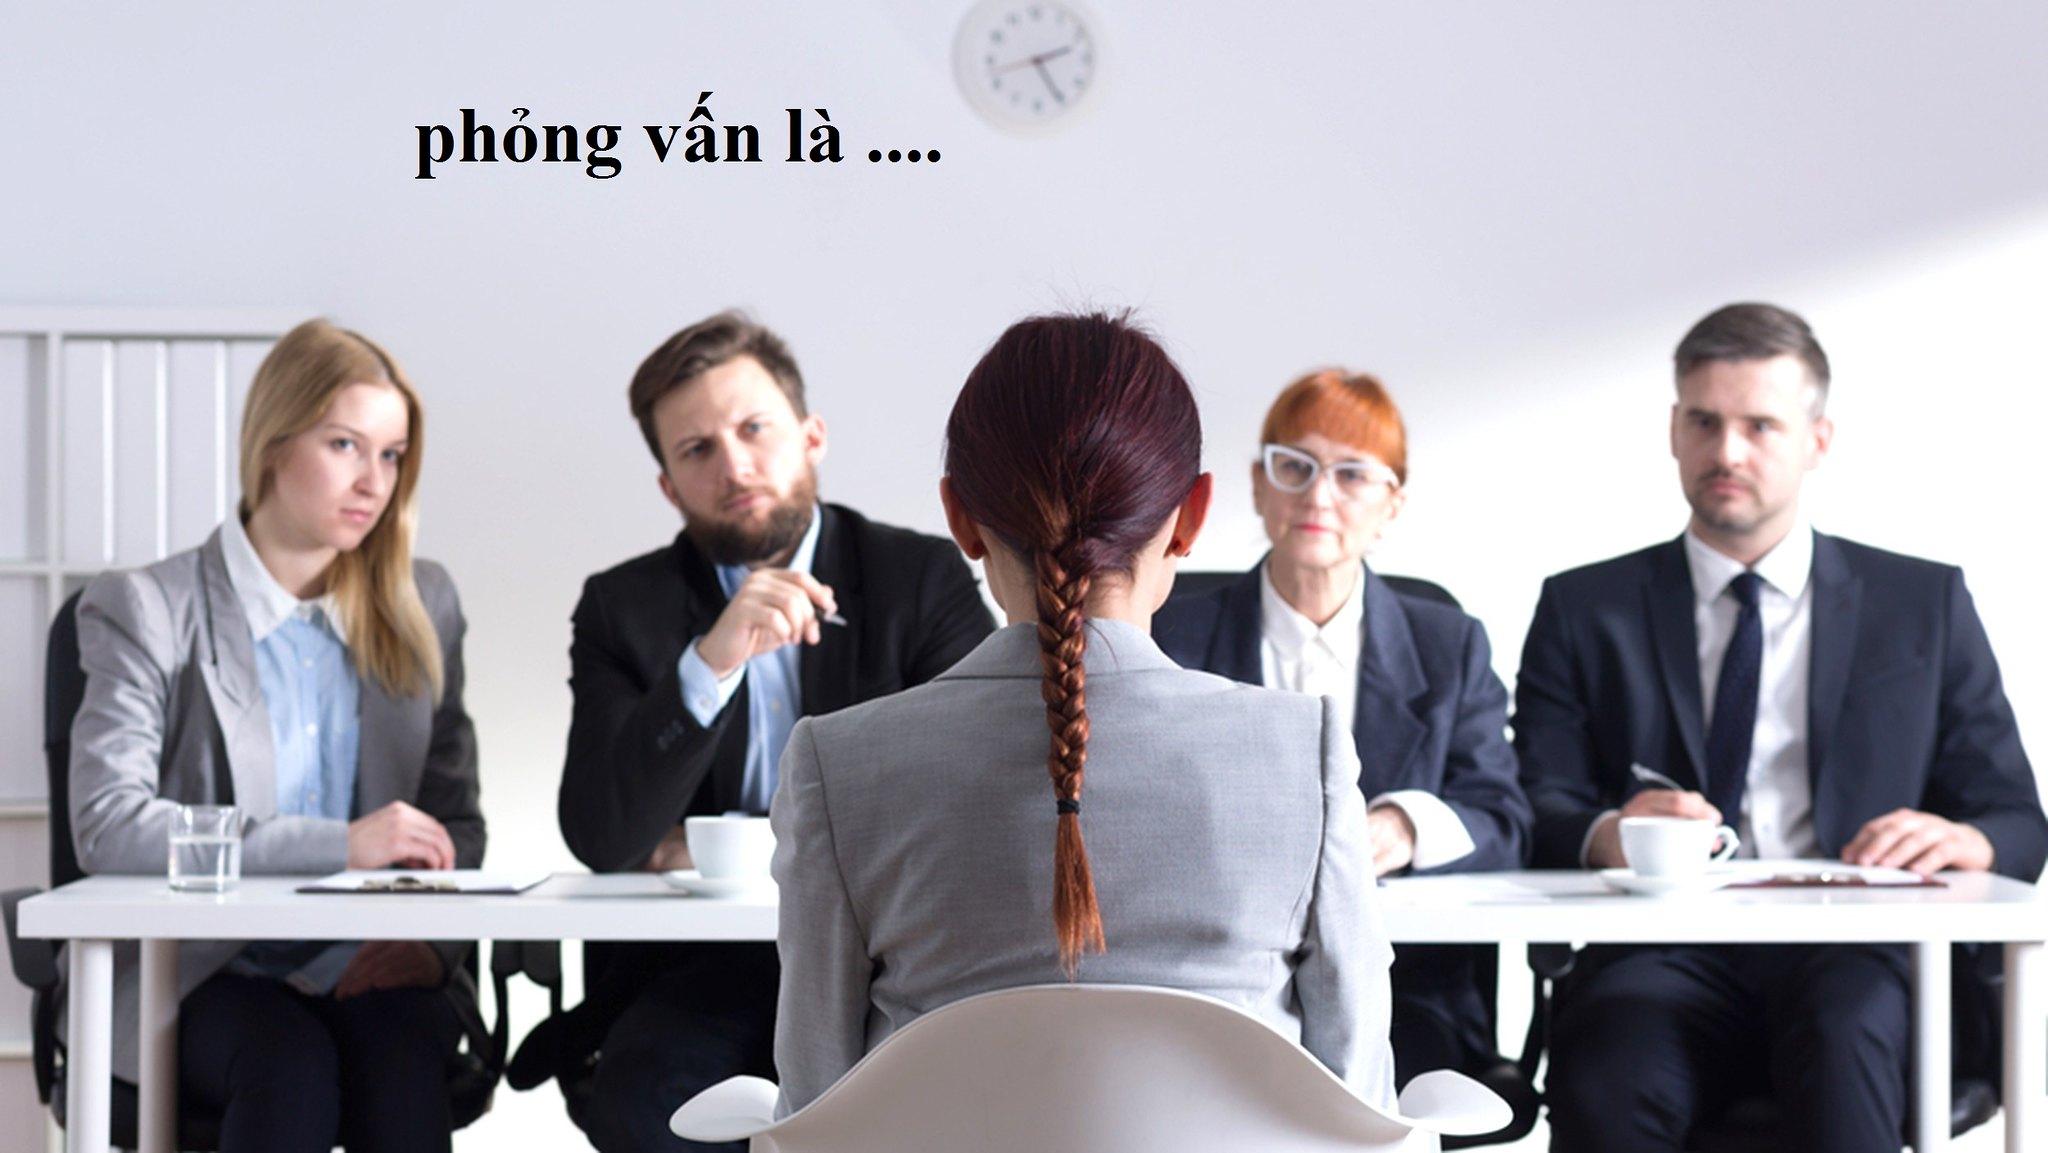 Tìm hiểu về phỏng vấn và các phương pháp phỏng vấn hiệu quả